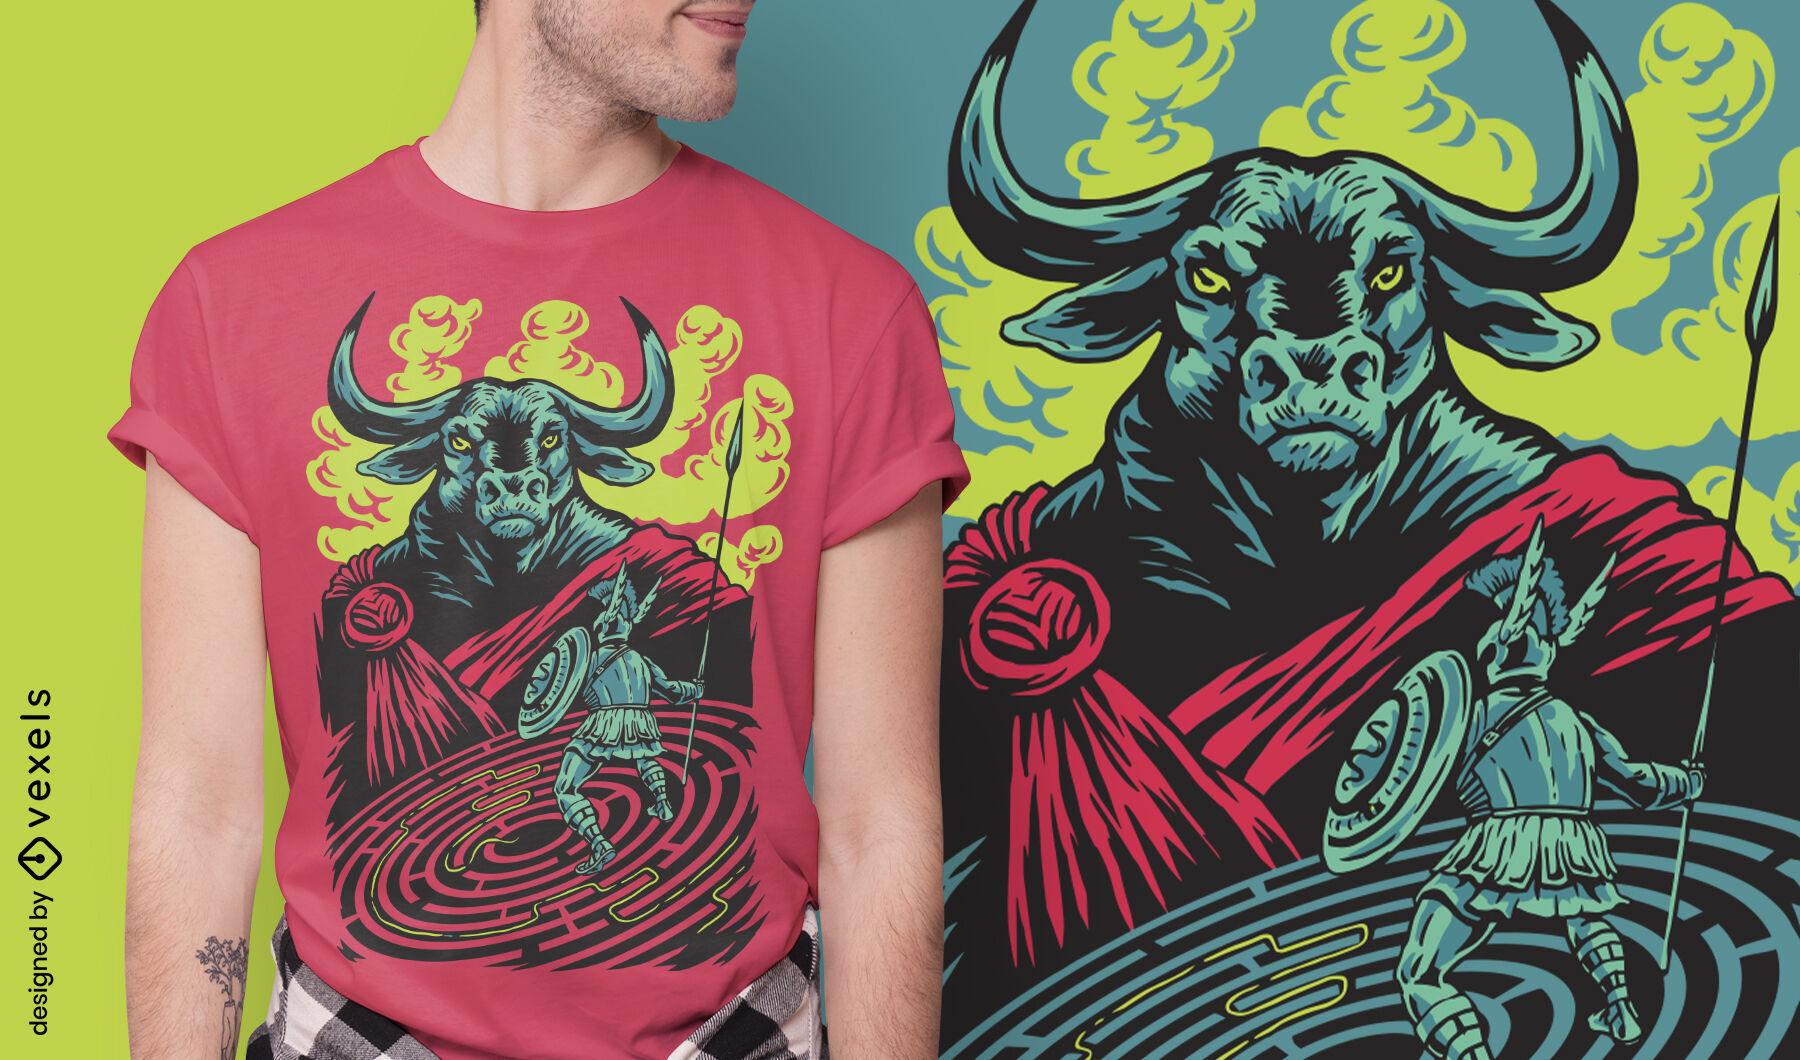 Diseño de camiseta de minotauro monstruo mítico grecia